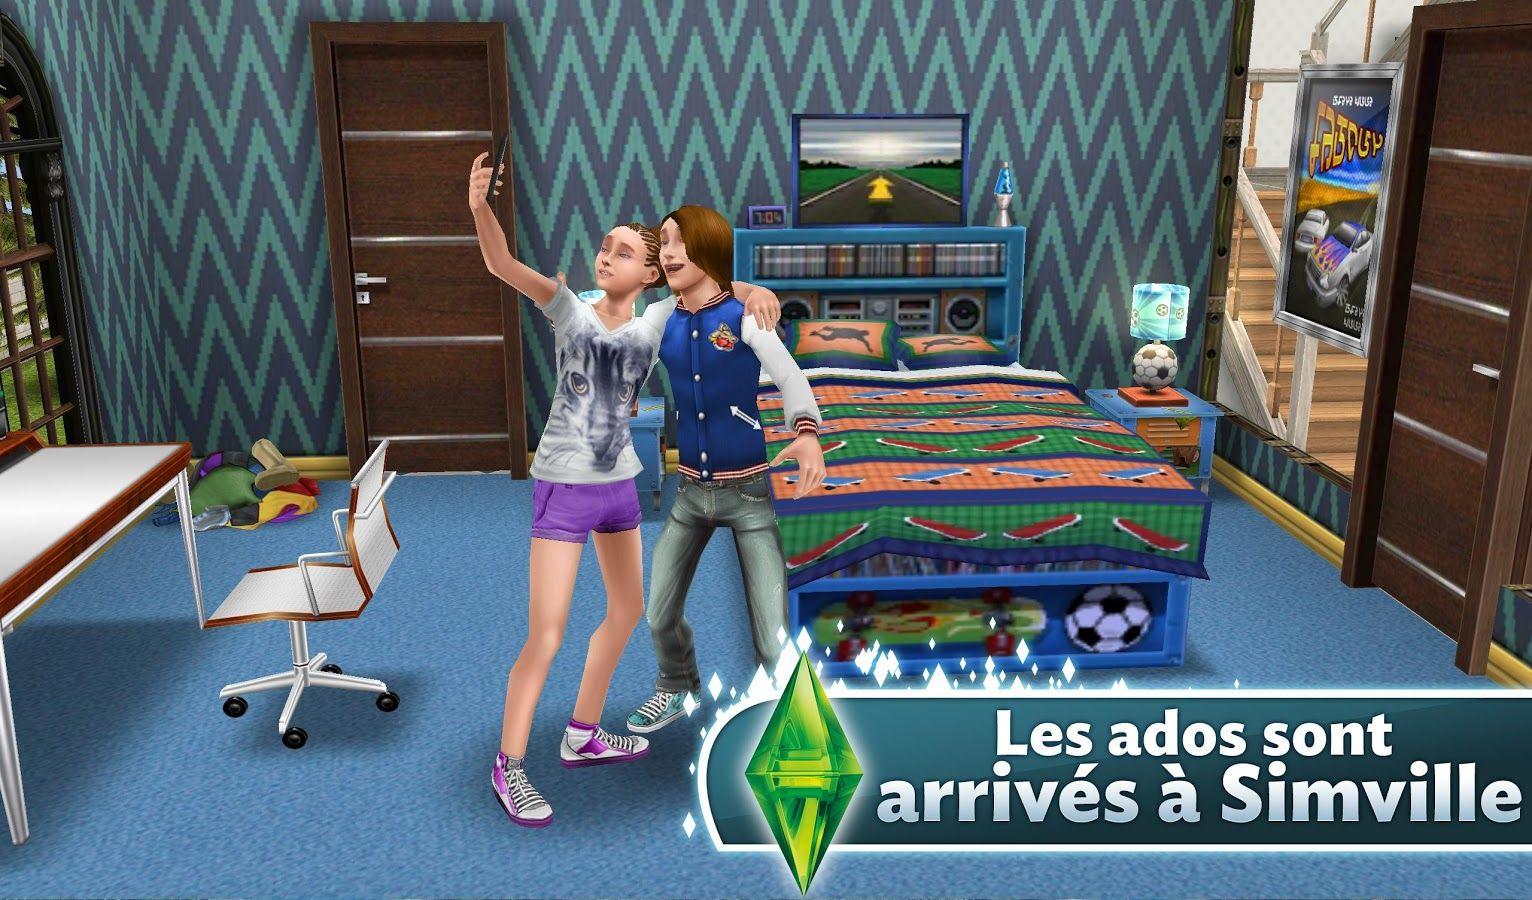 gratuit rencontres Sims jeux pour Android